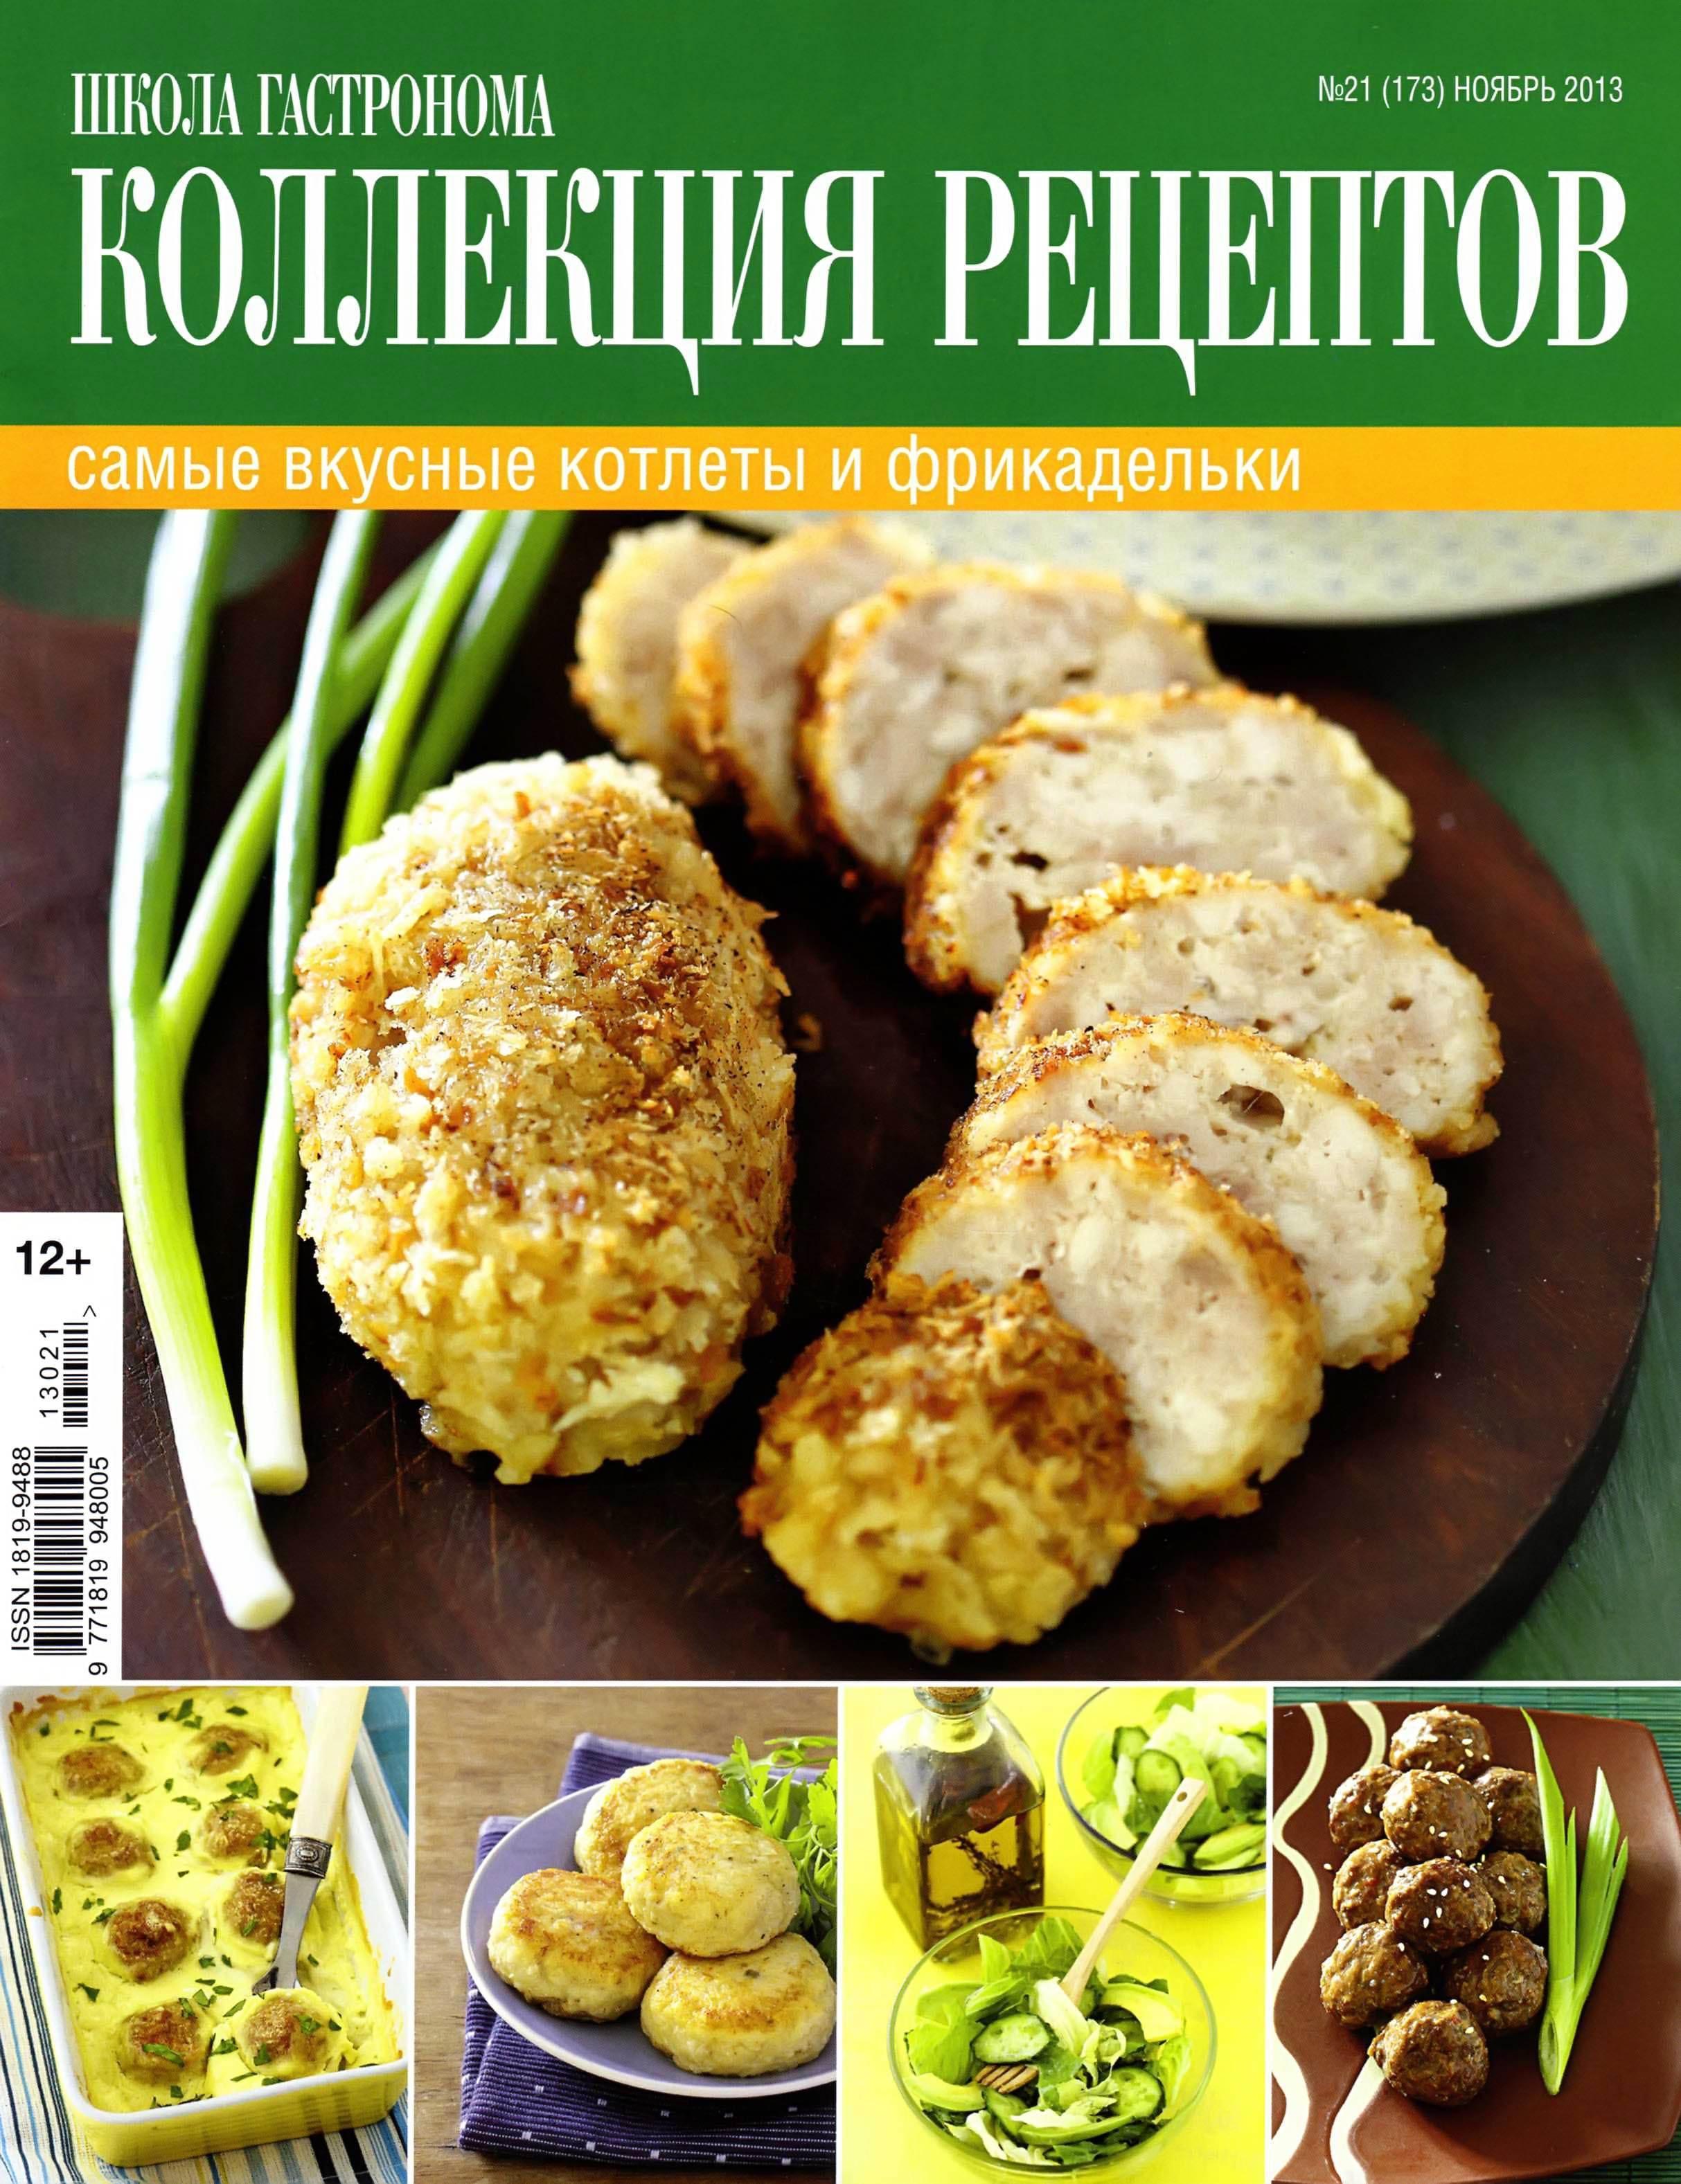 SHkola gastronoma. Kollektsiya retseptov    21 2013 goda Школа гастронома. Коллекция рецептов №22 2013 года